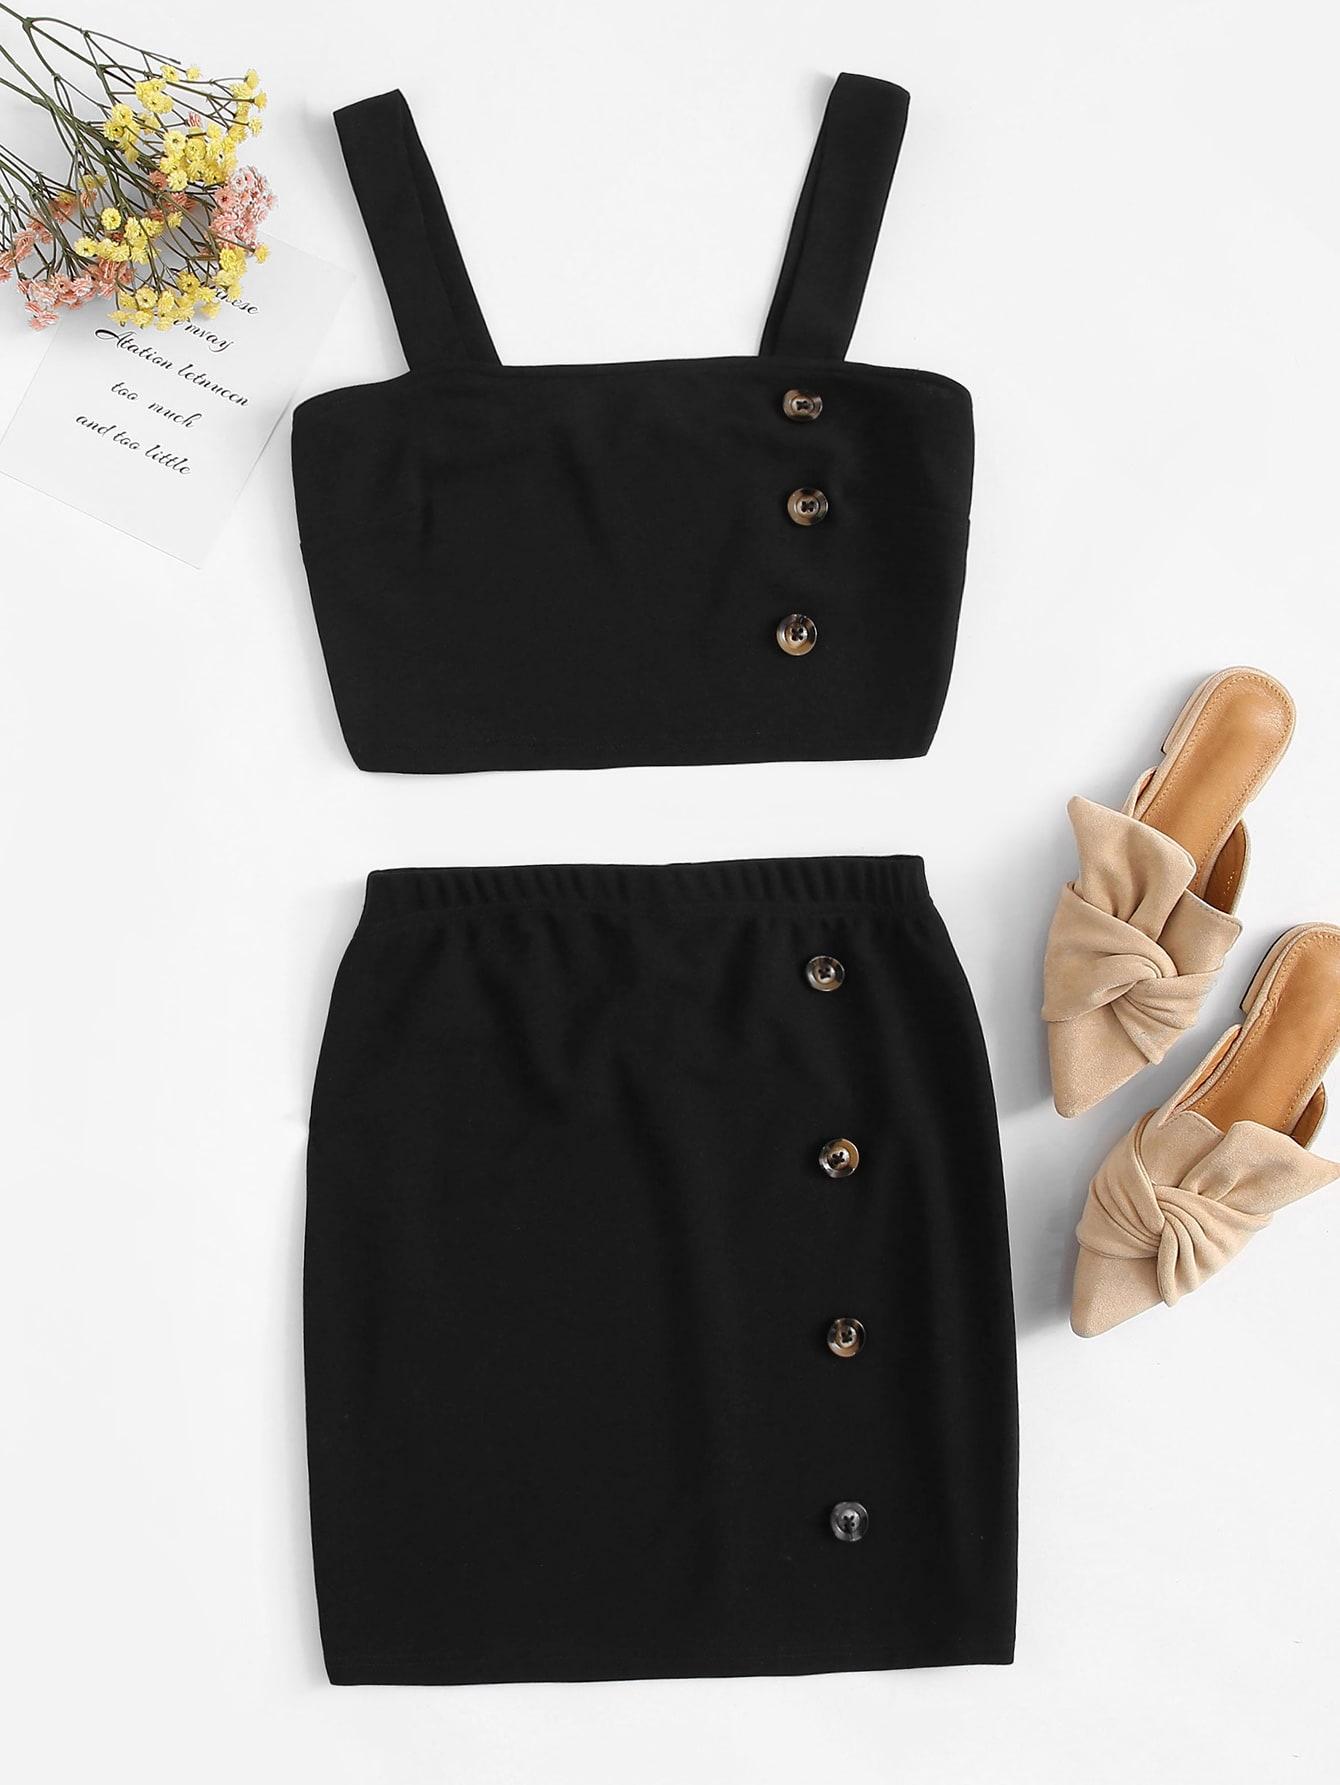 Кроп топ с пуговицами и юбка размера плюм